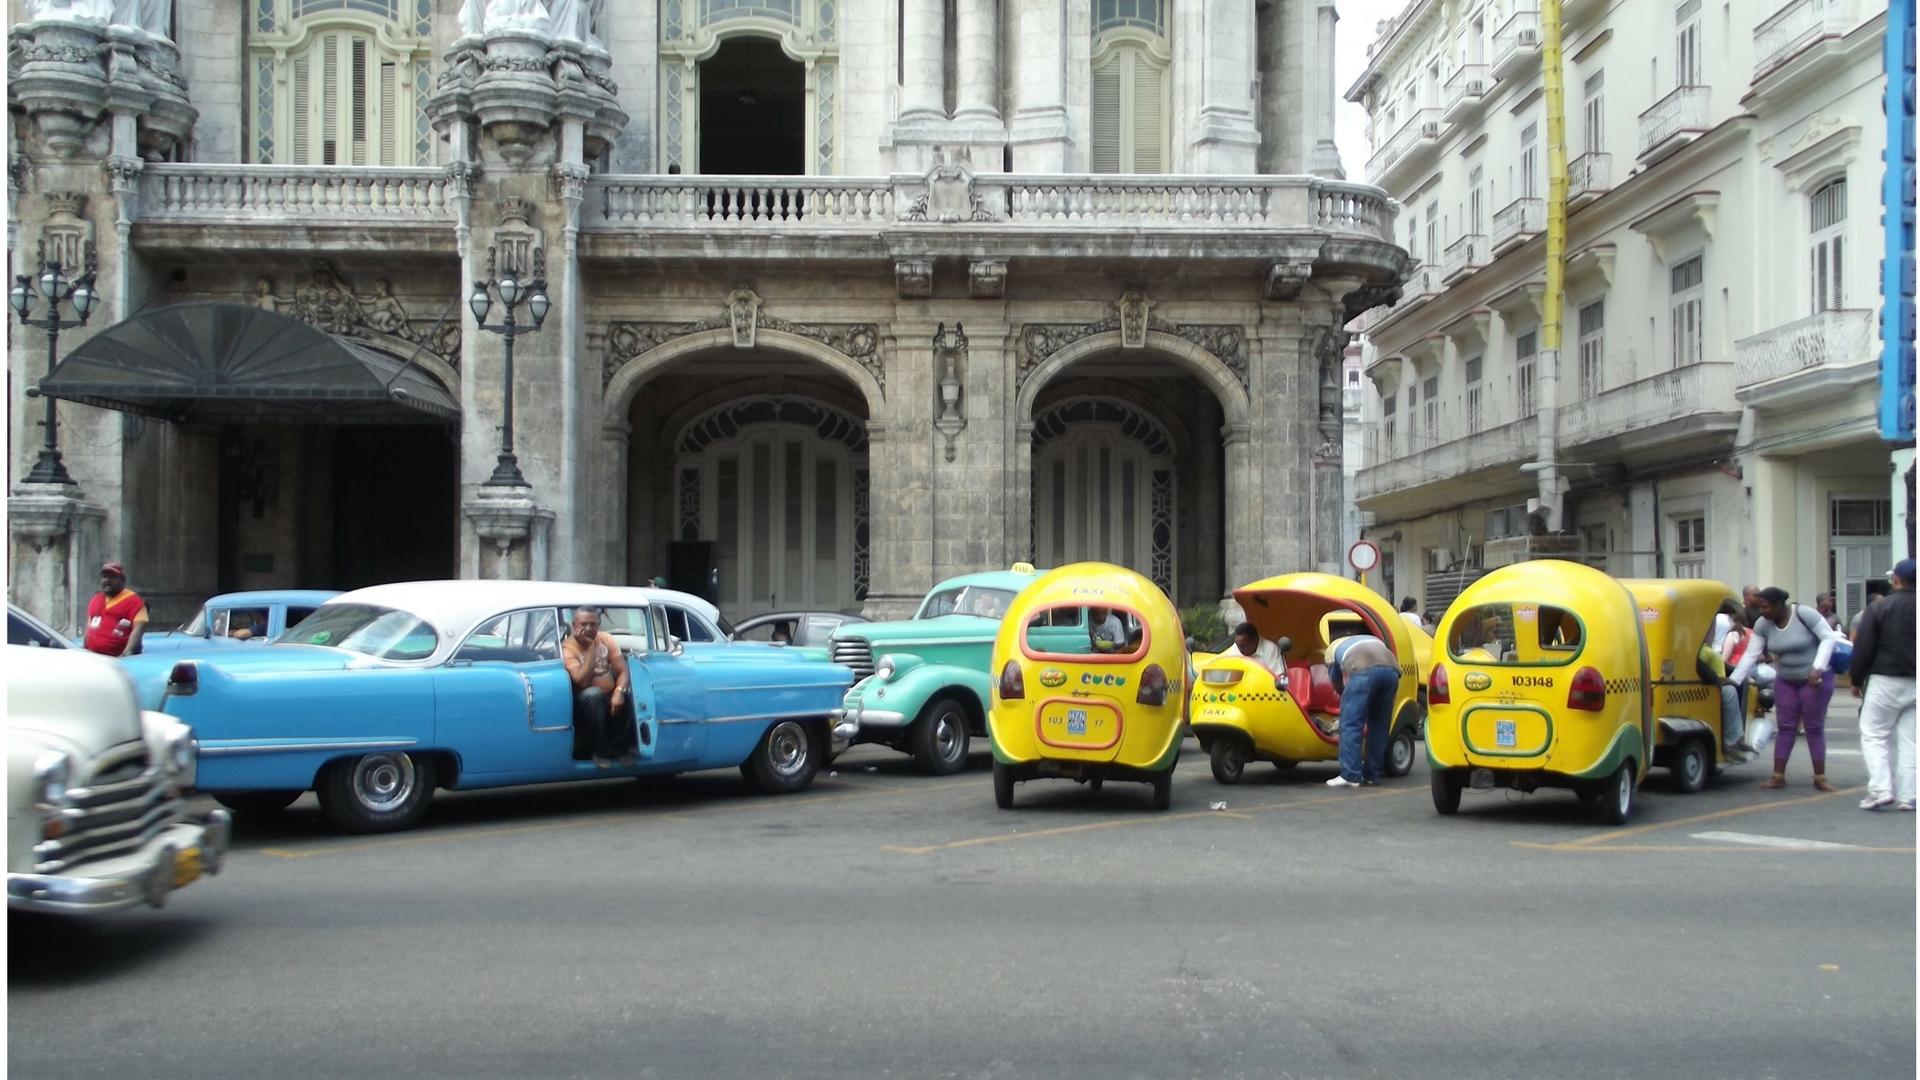 COSE STRANE DI CUBA: QUELLE CHE HO VISTO IO